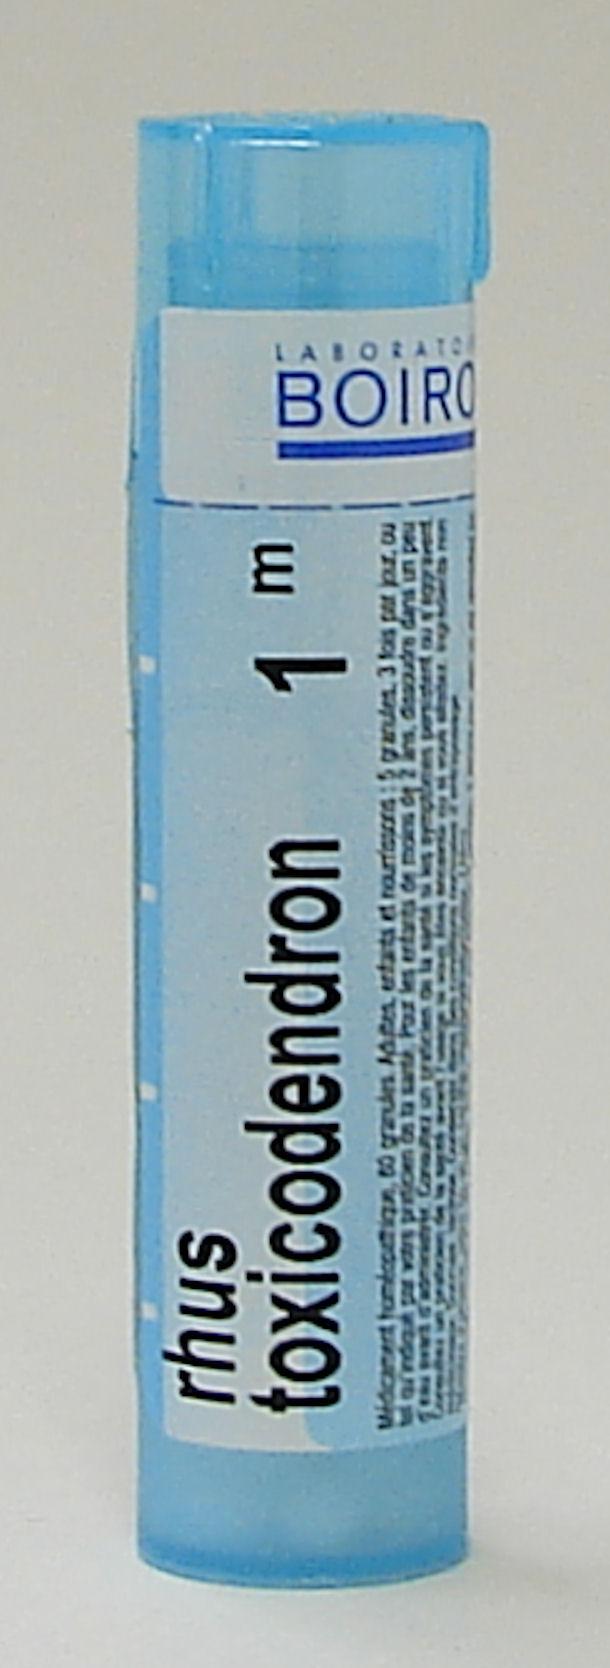 Rhus Toxicodendron, 1M (Boiron)